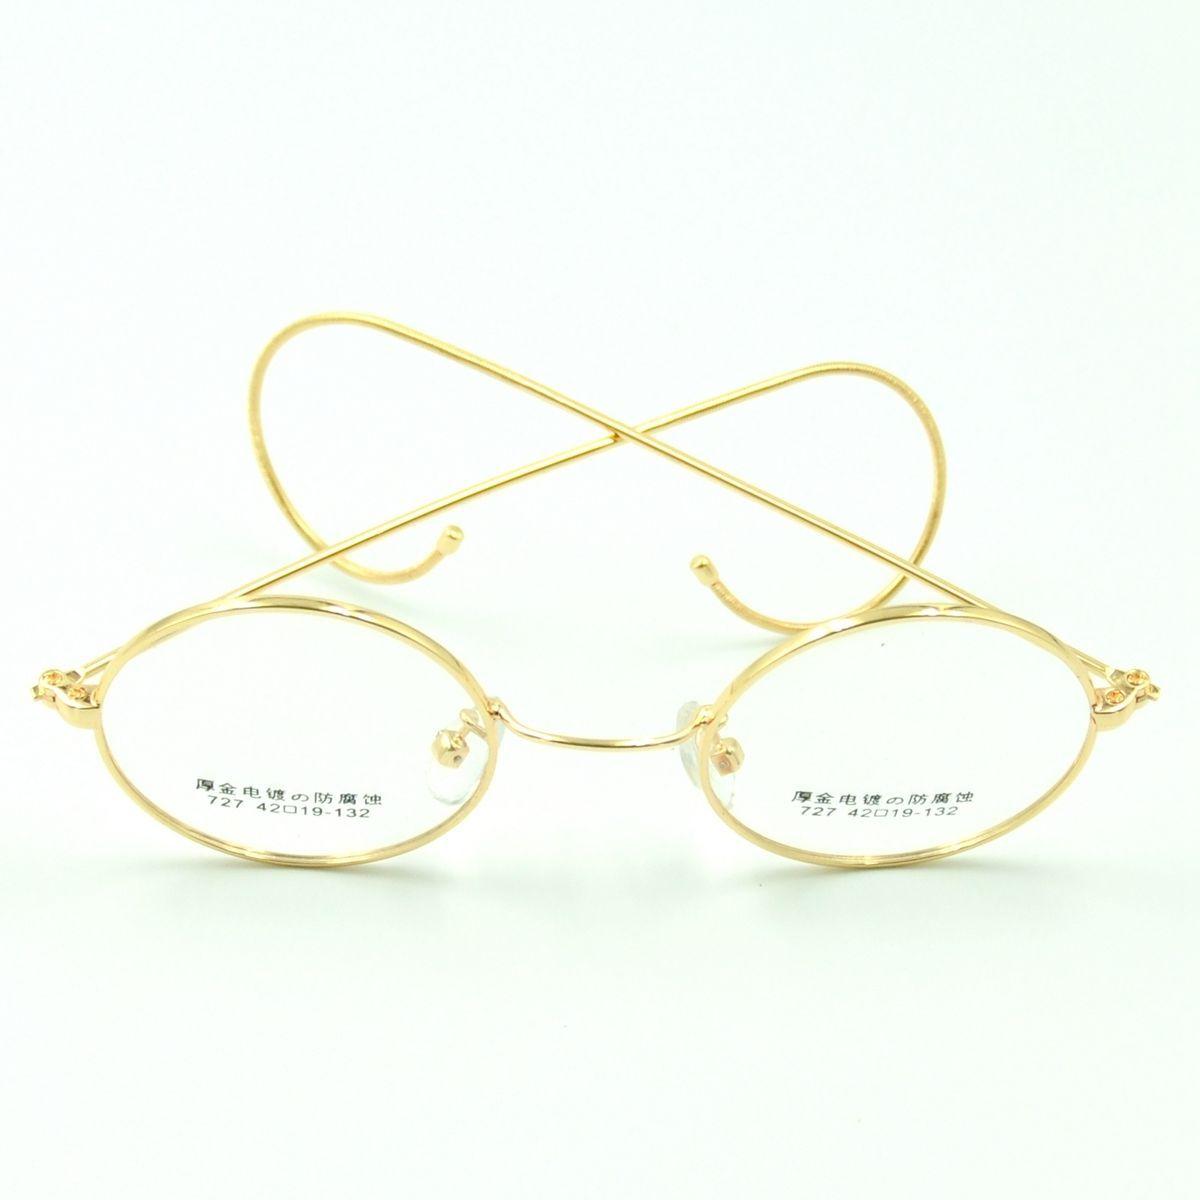 44mm antique vintage metal round gold wire rim eyeglasses